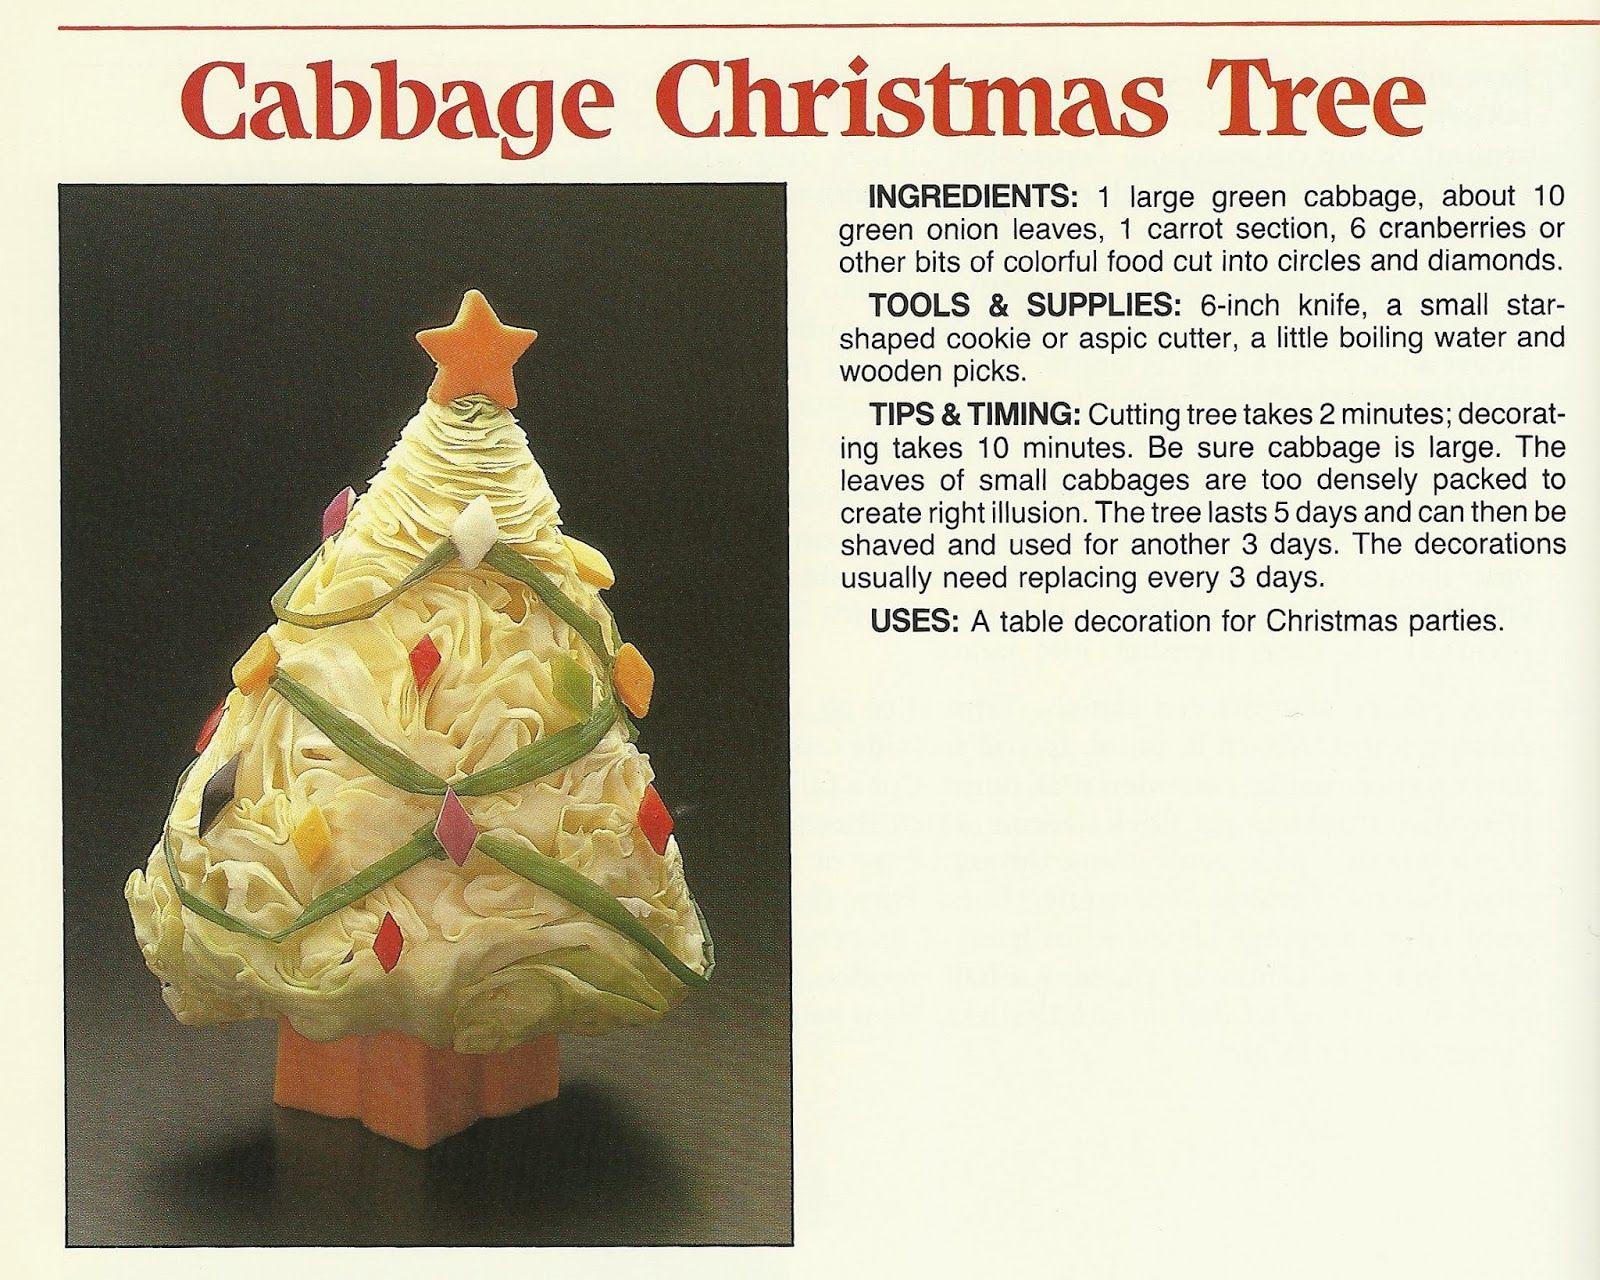 El árbol de Navidad de berza que sólo sirve para decorar, no para comer